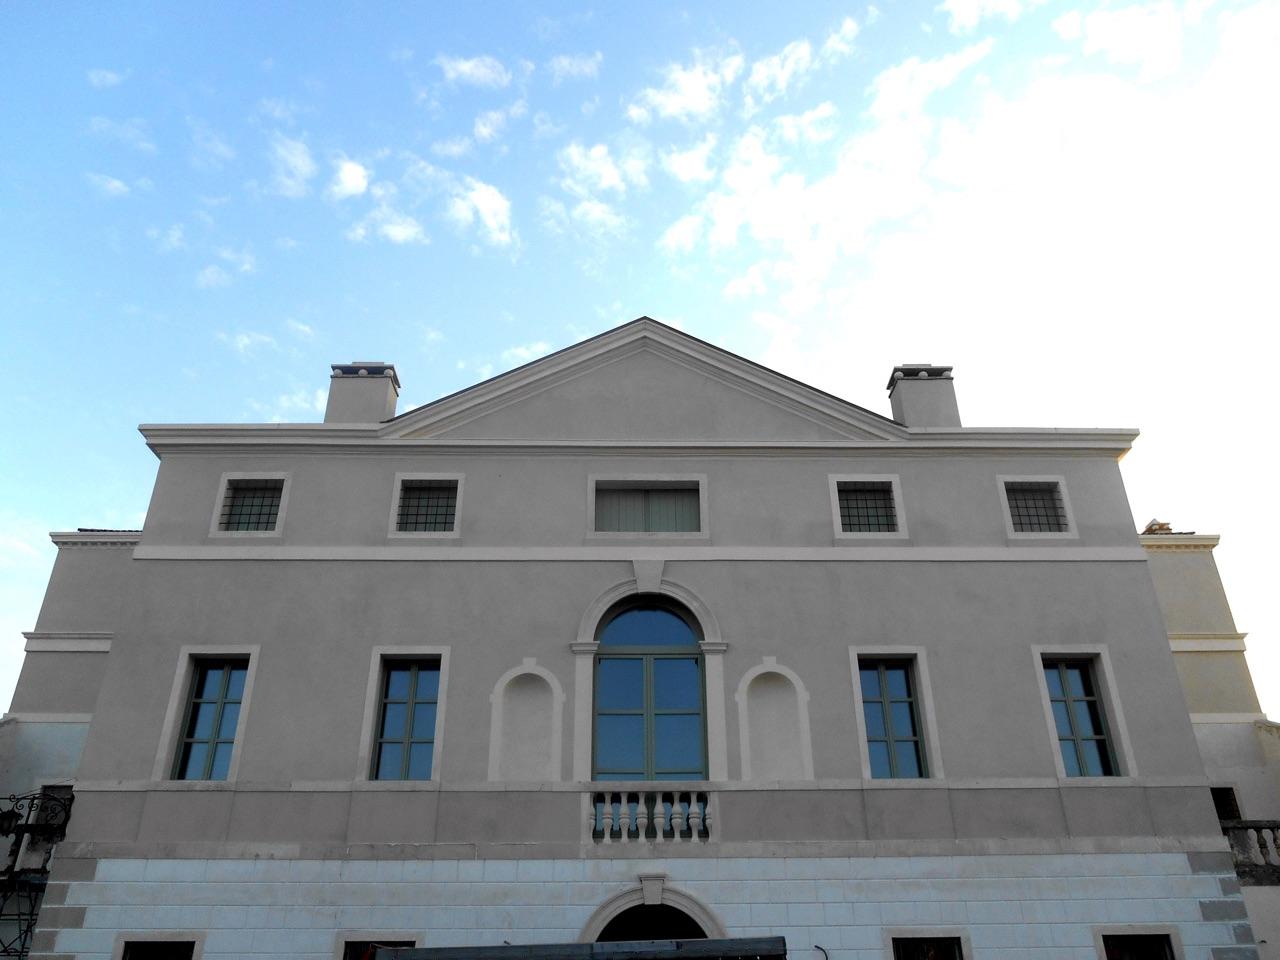 Villa Velo – Architetto Andrea Palladio